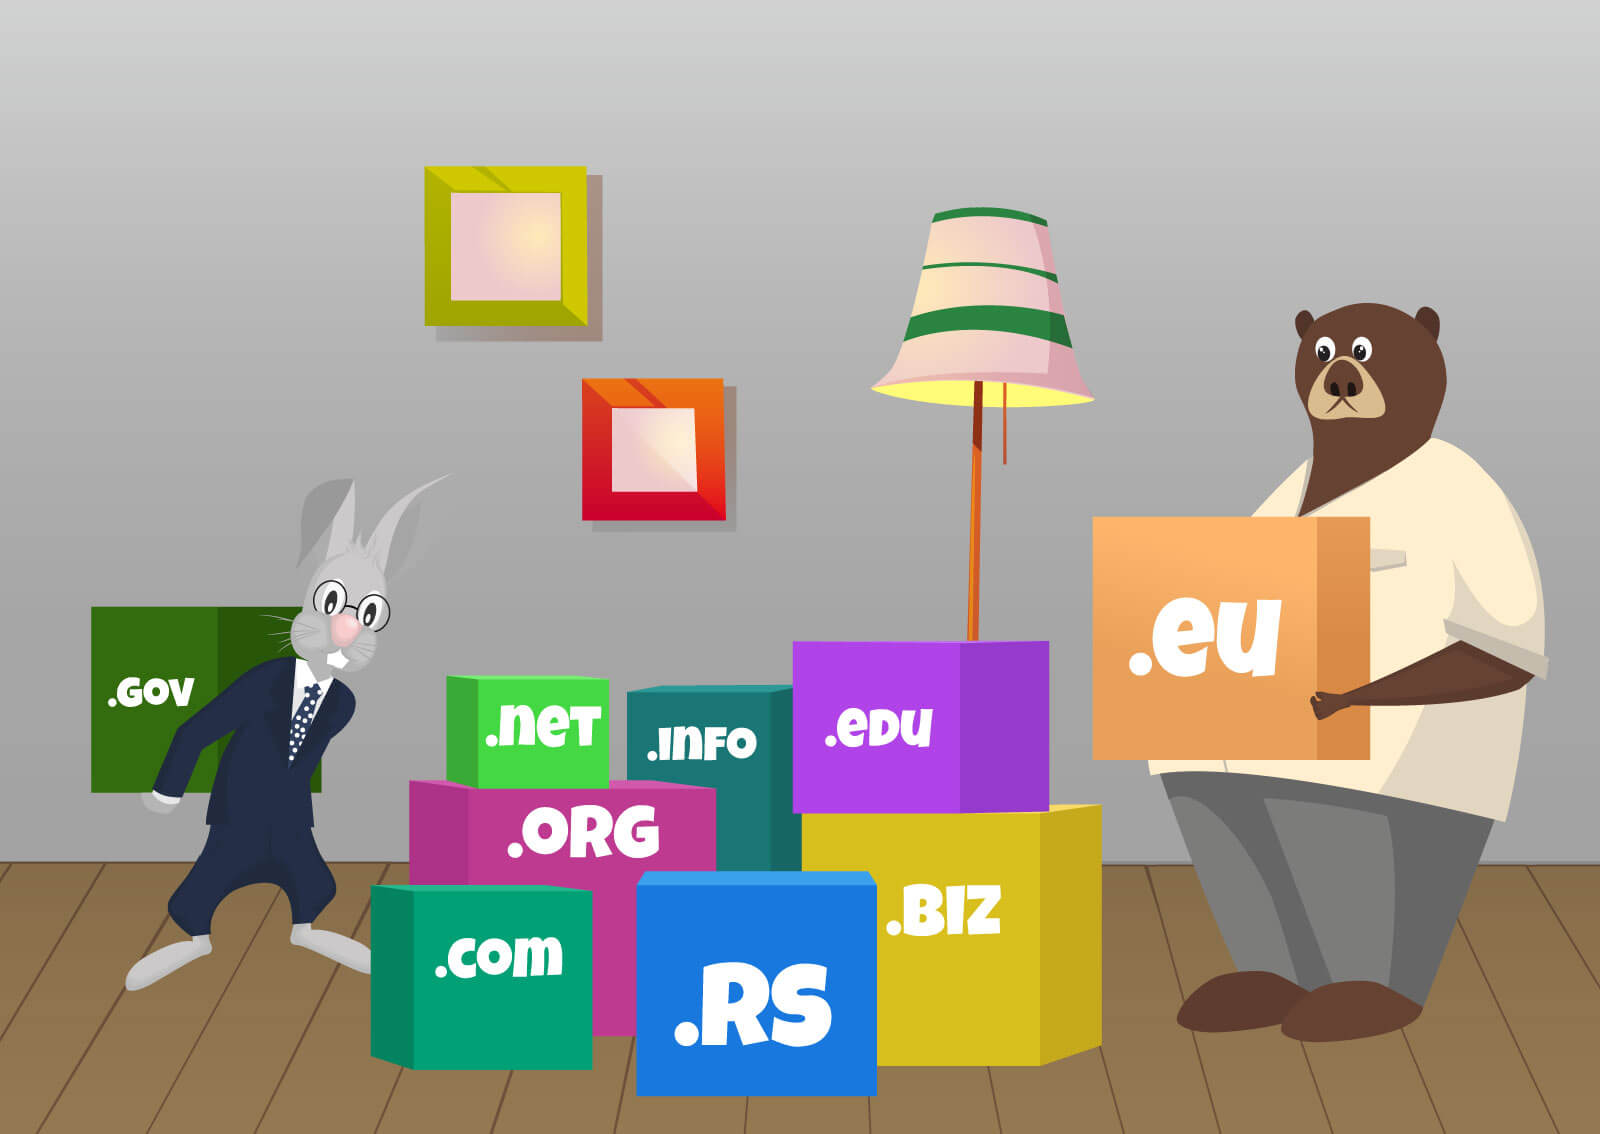 Ilustracija zaštitnog znaka web servisa naKlik zeca kako sedi sa medvedom na terasi i pije kafu.